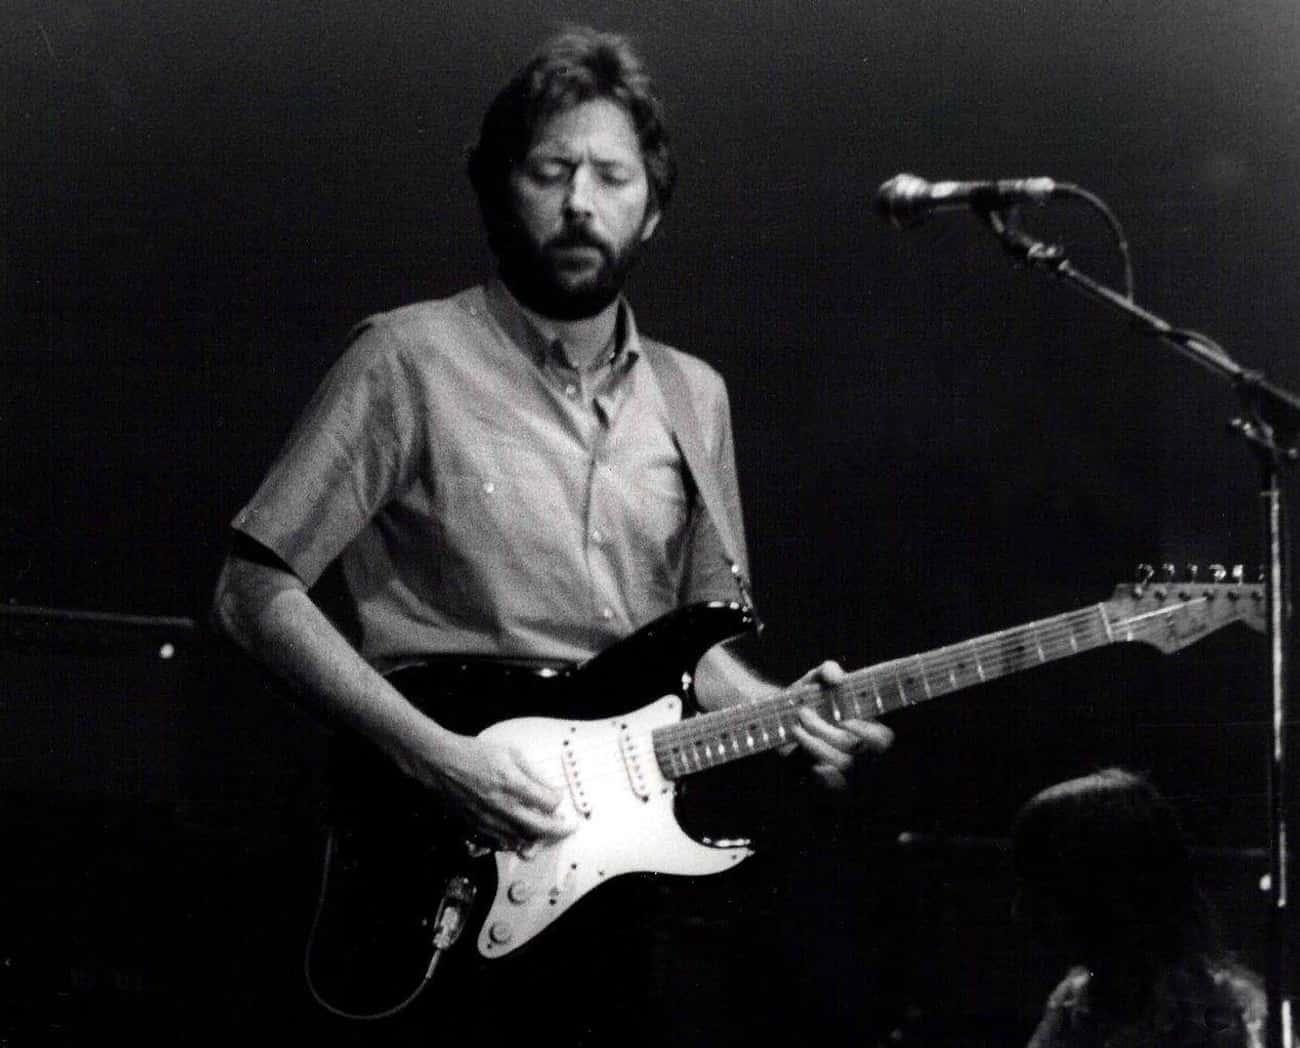 Eric Clapton's Les Paul